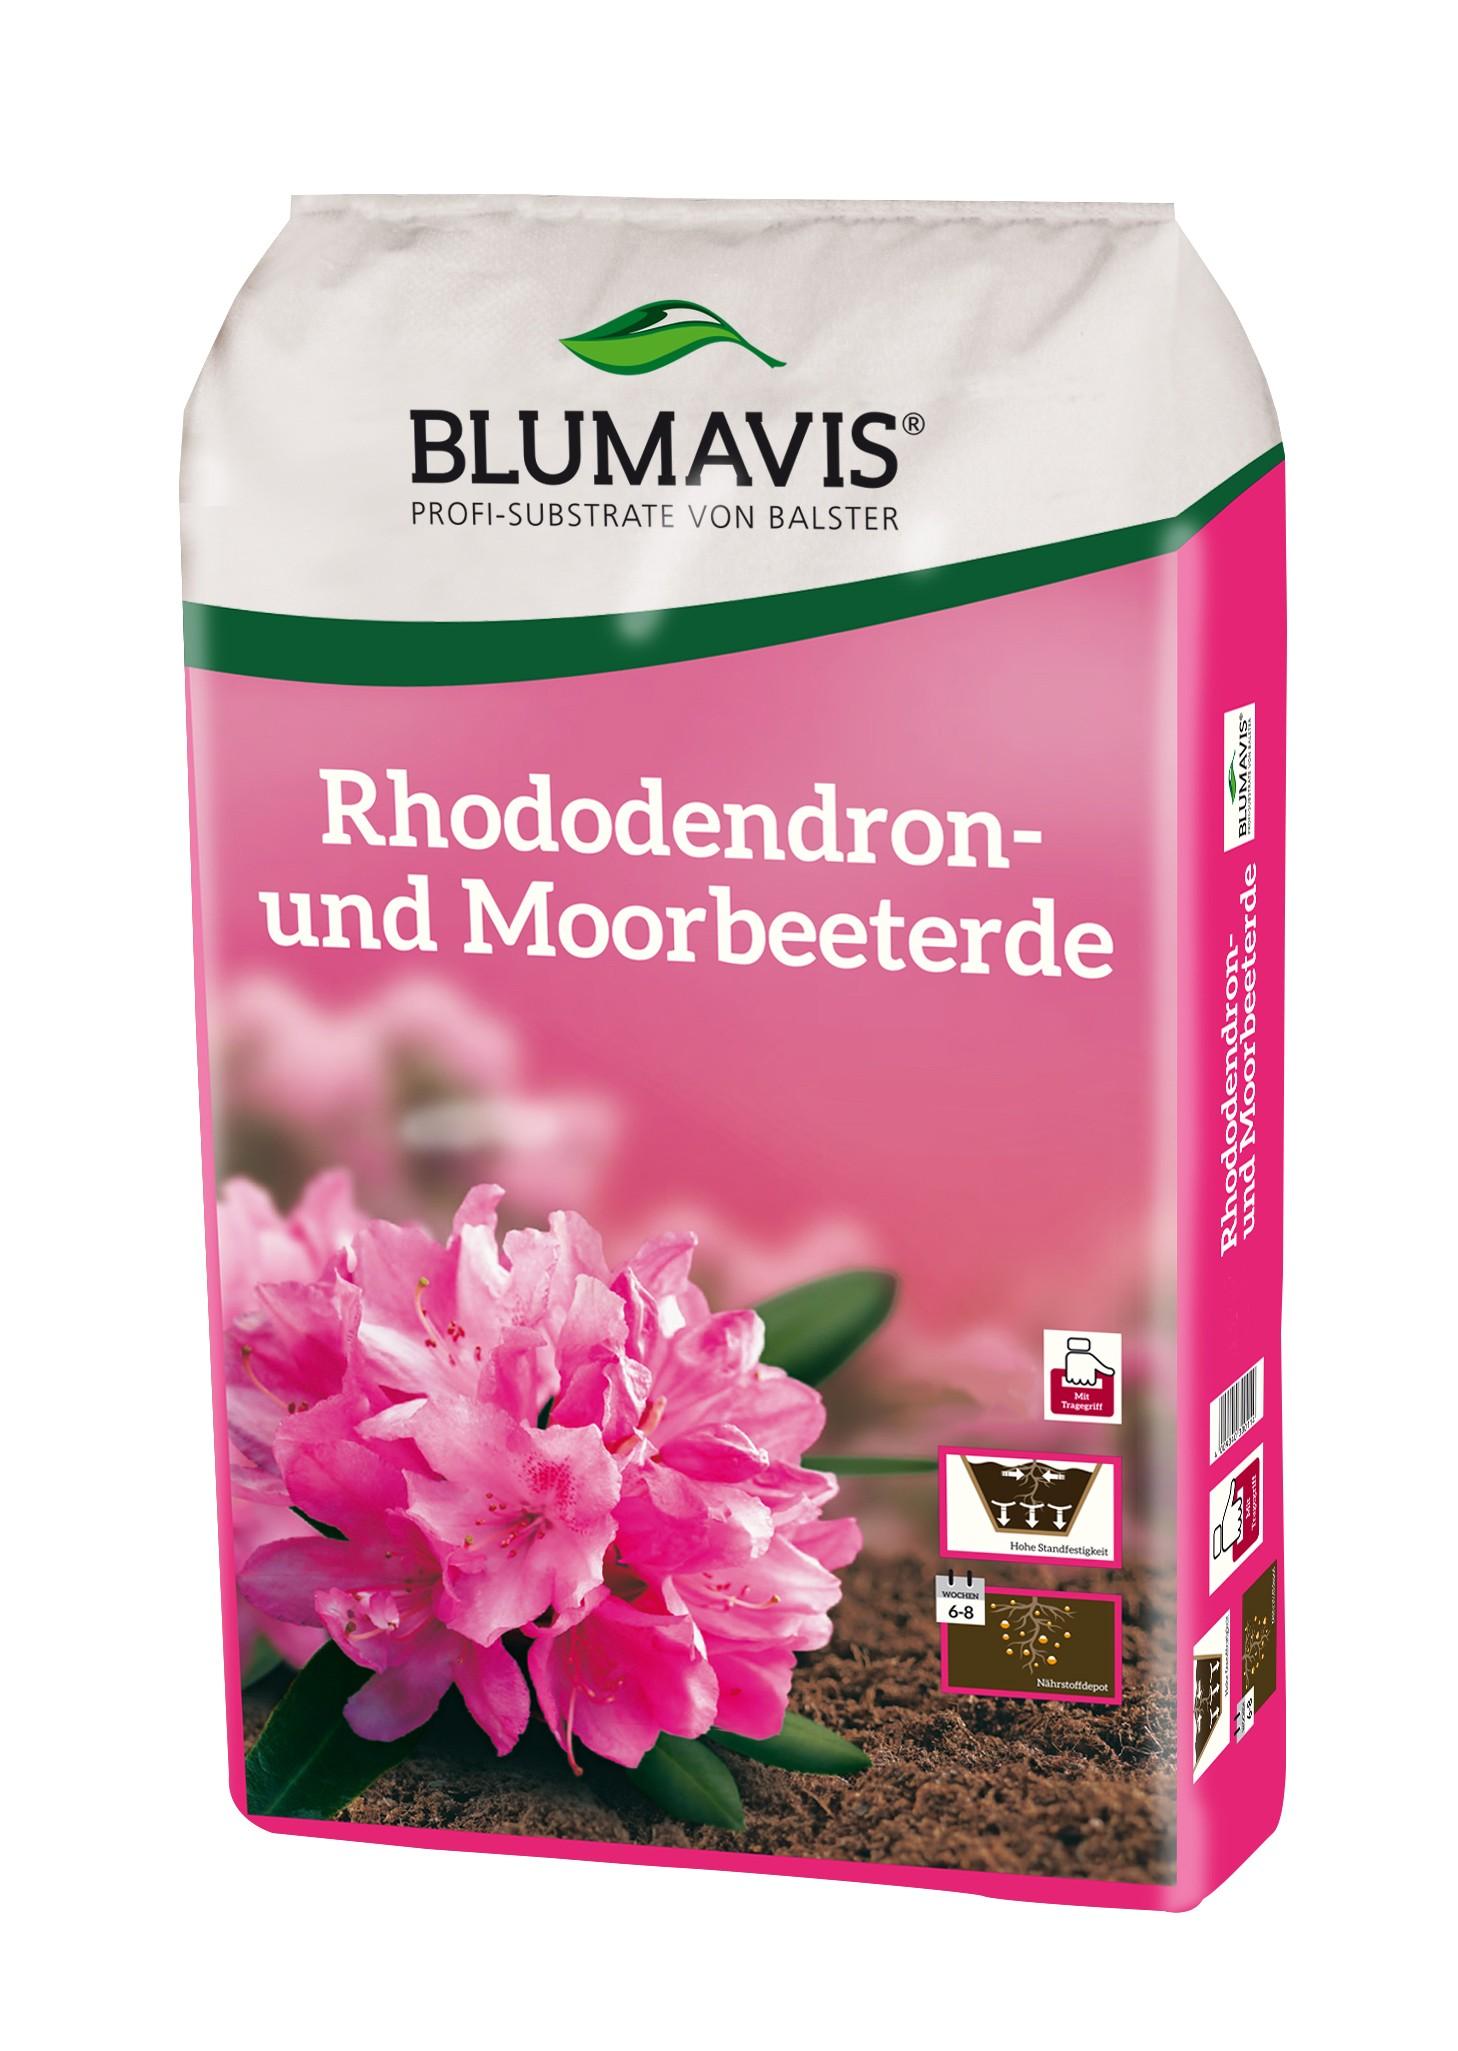 Rhododendron- und Moorbeeterde Bild 1